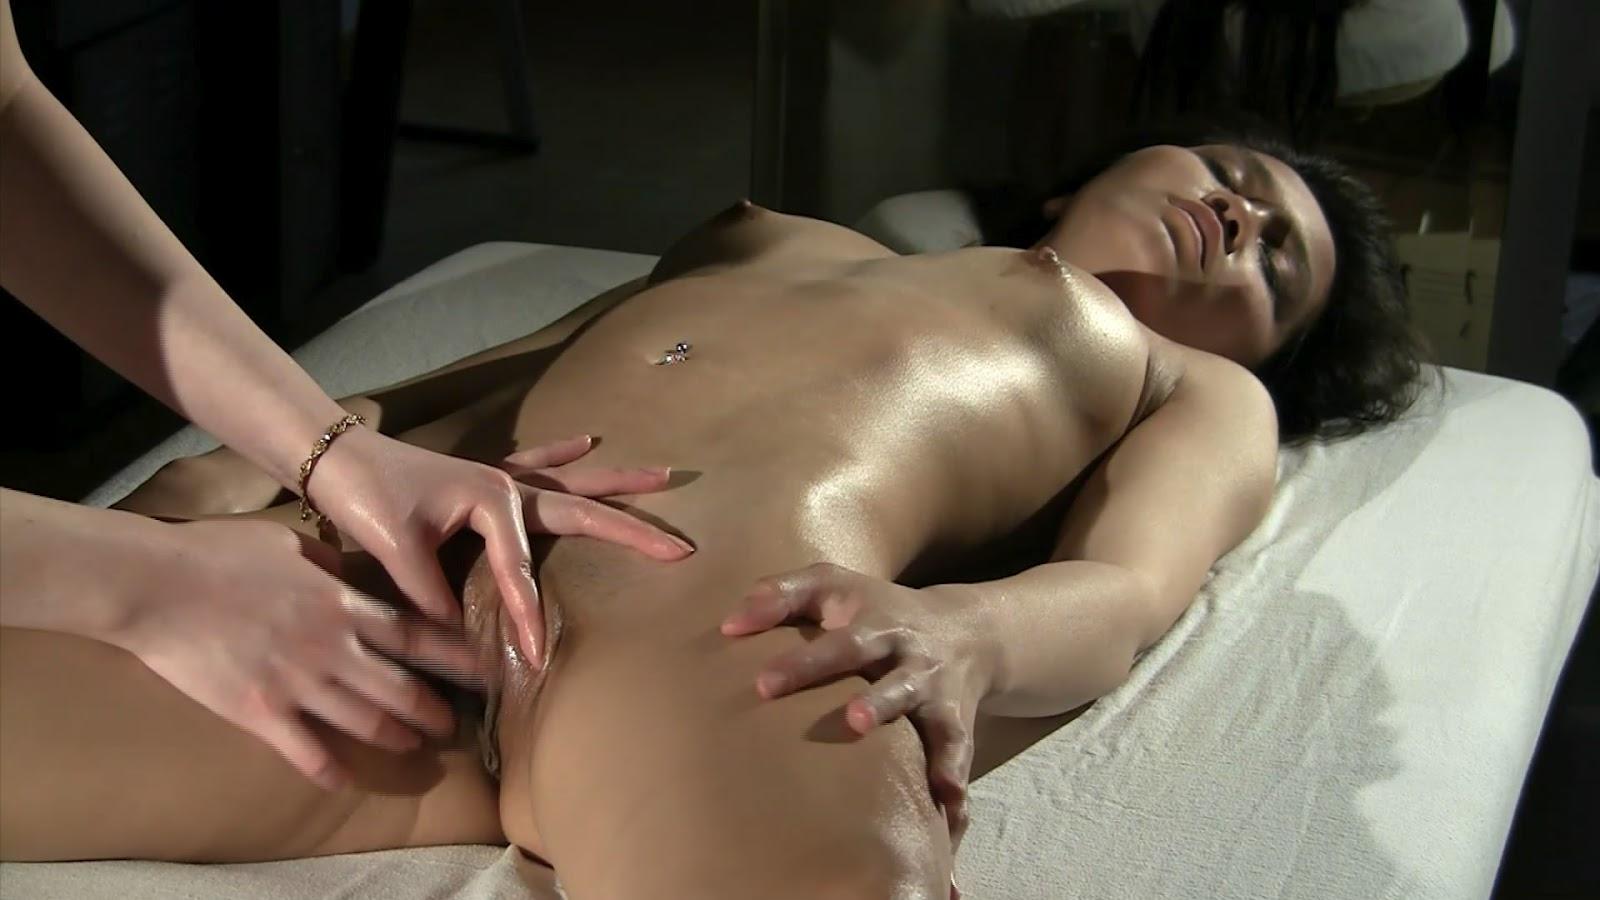 Смотреть порно онлайн получить оргазм от массажа — photo 6